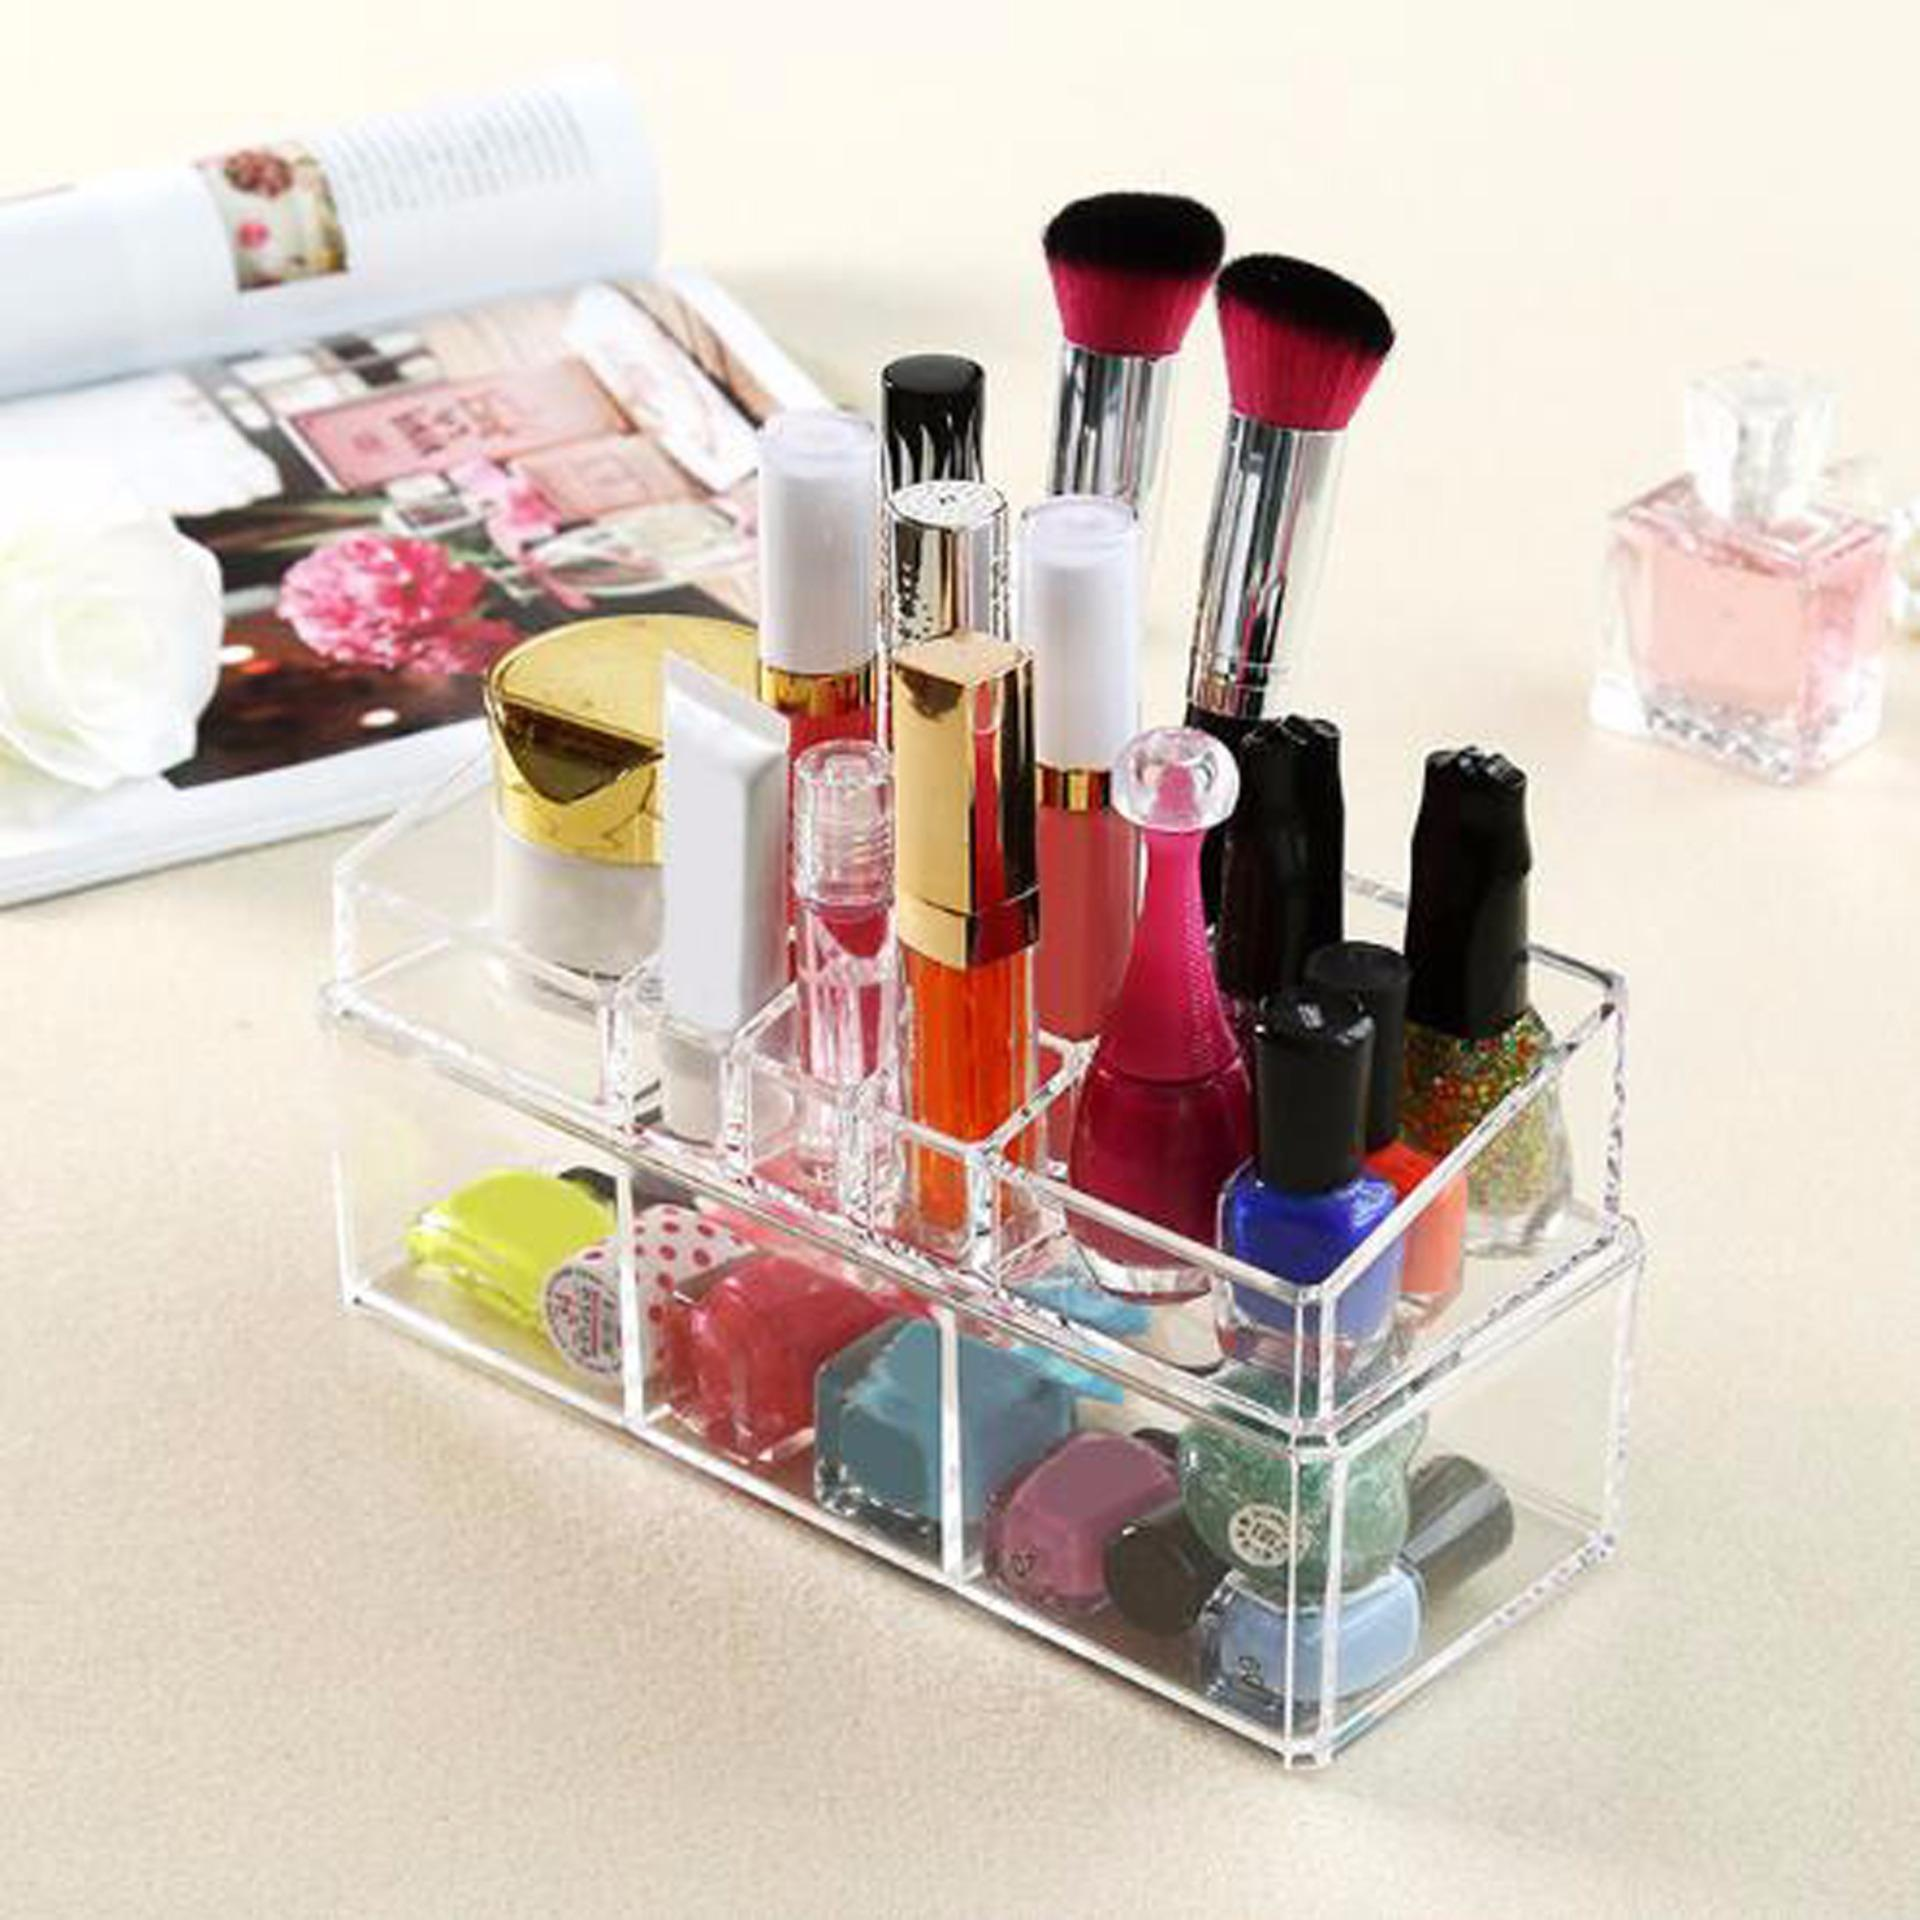 Rak Kosmetik Acrylic 01 - Tempat Penyimpanan Peralatan Kosmetik